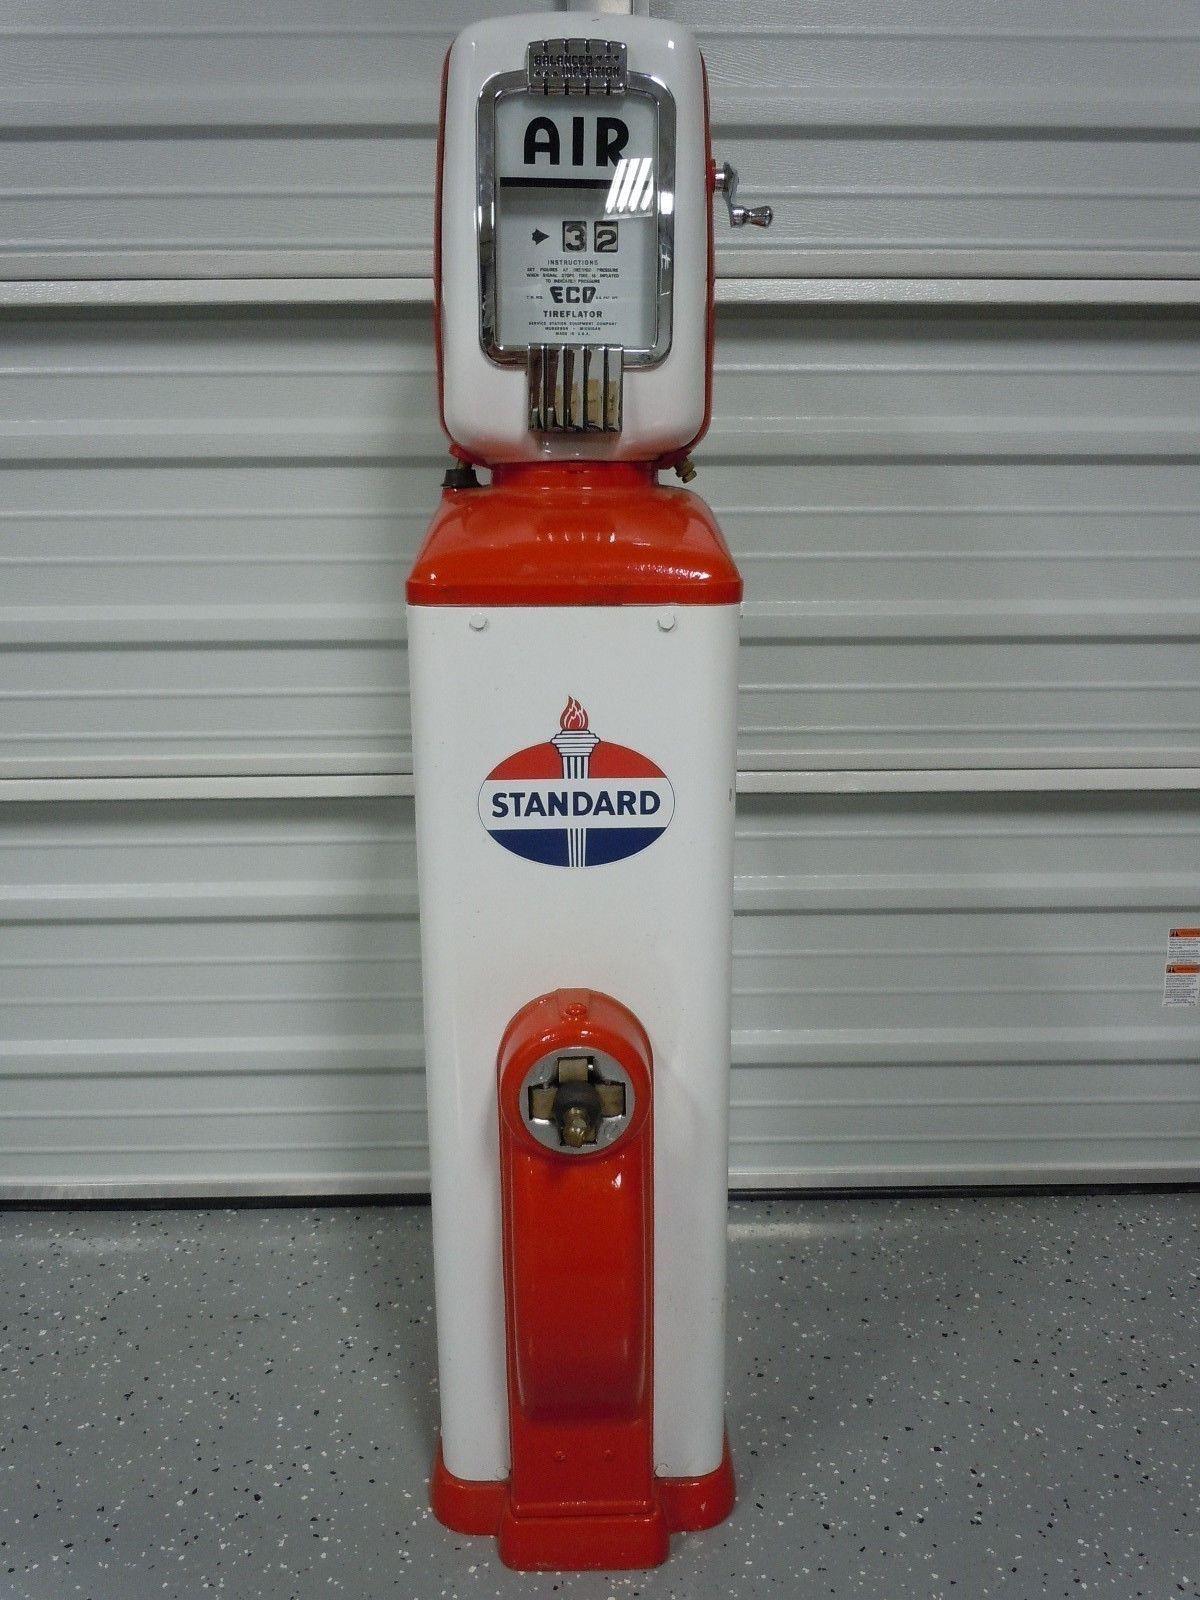 Pin on Restoring Vintage Air Meters